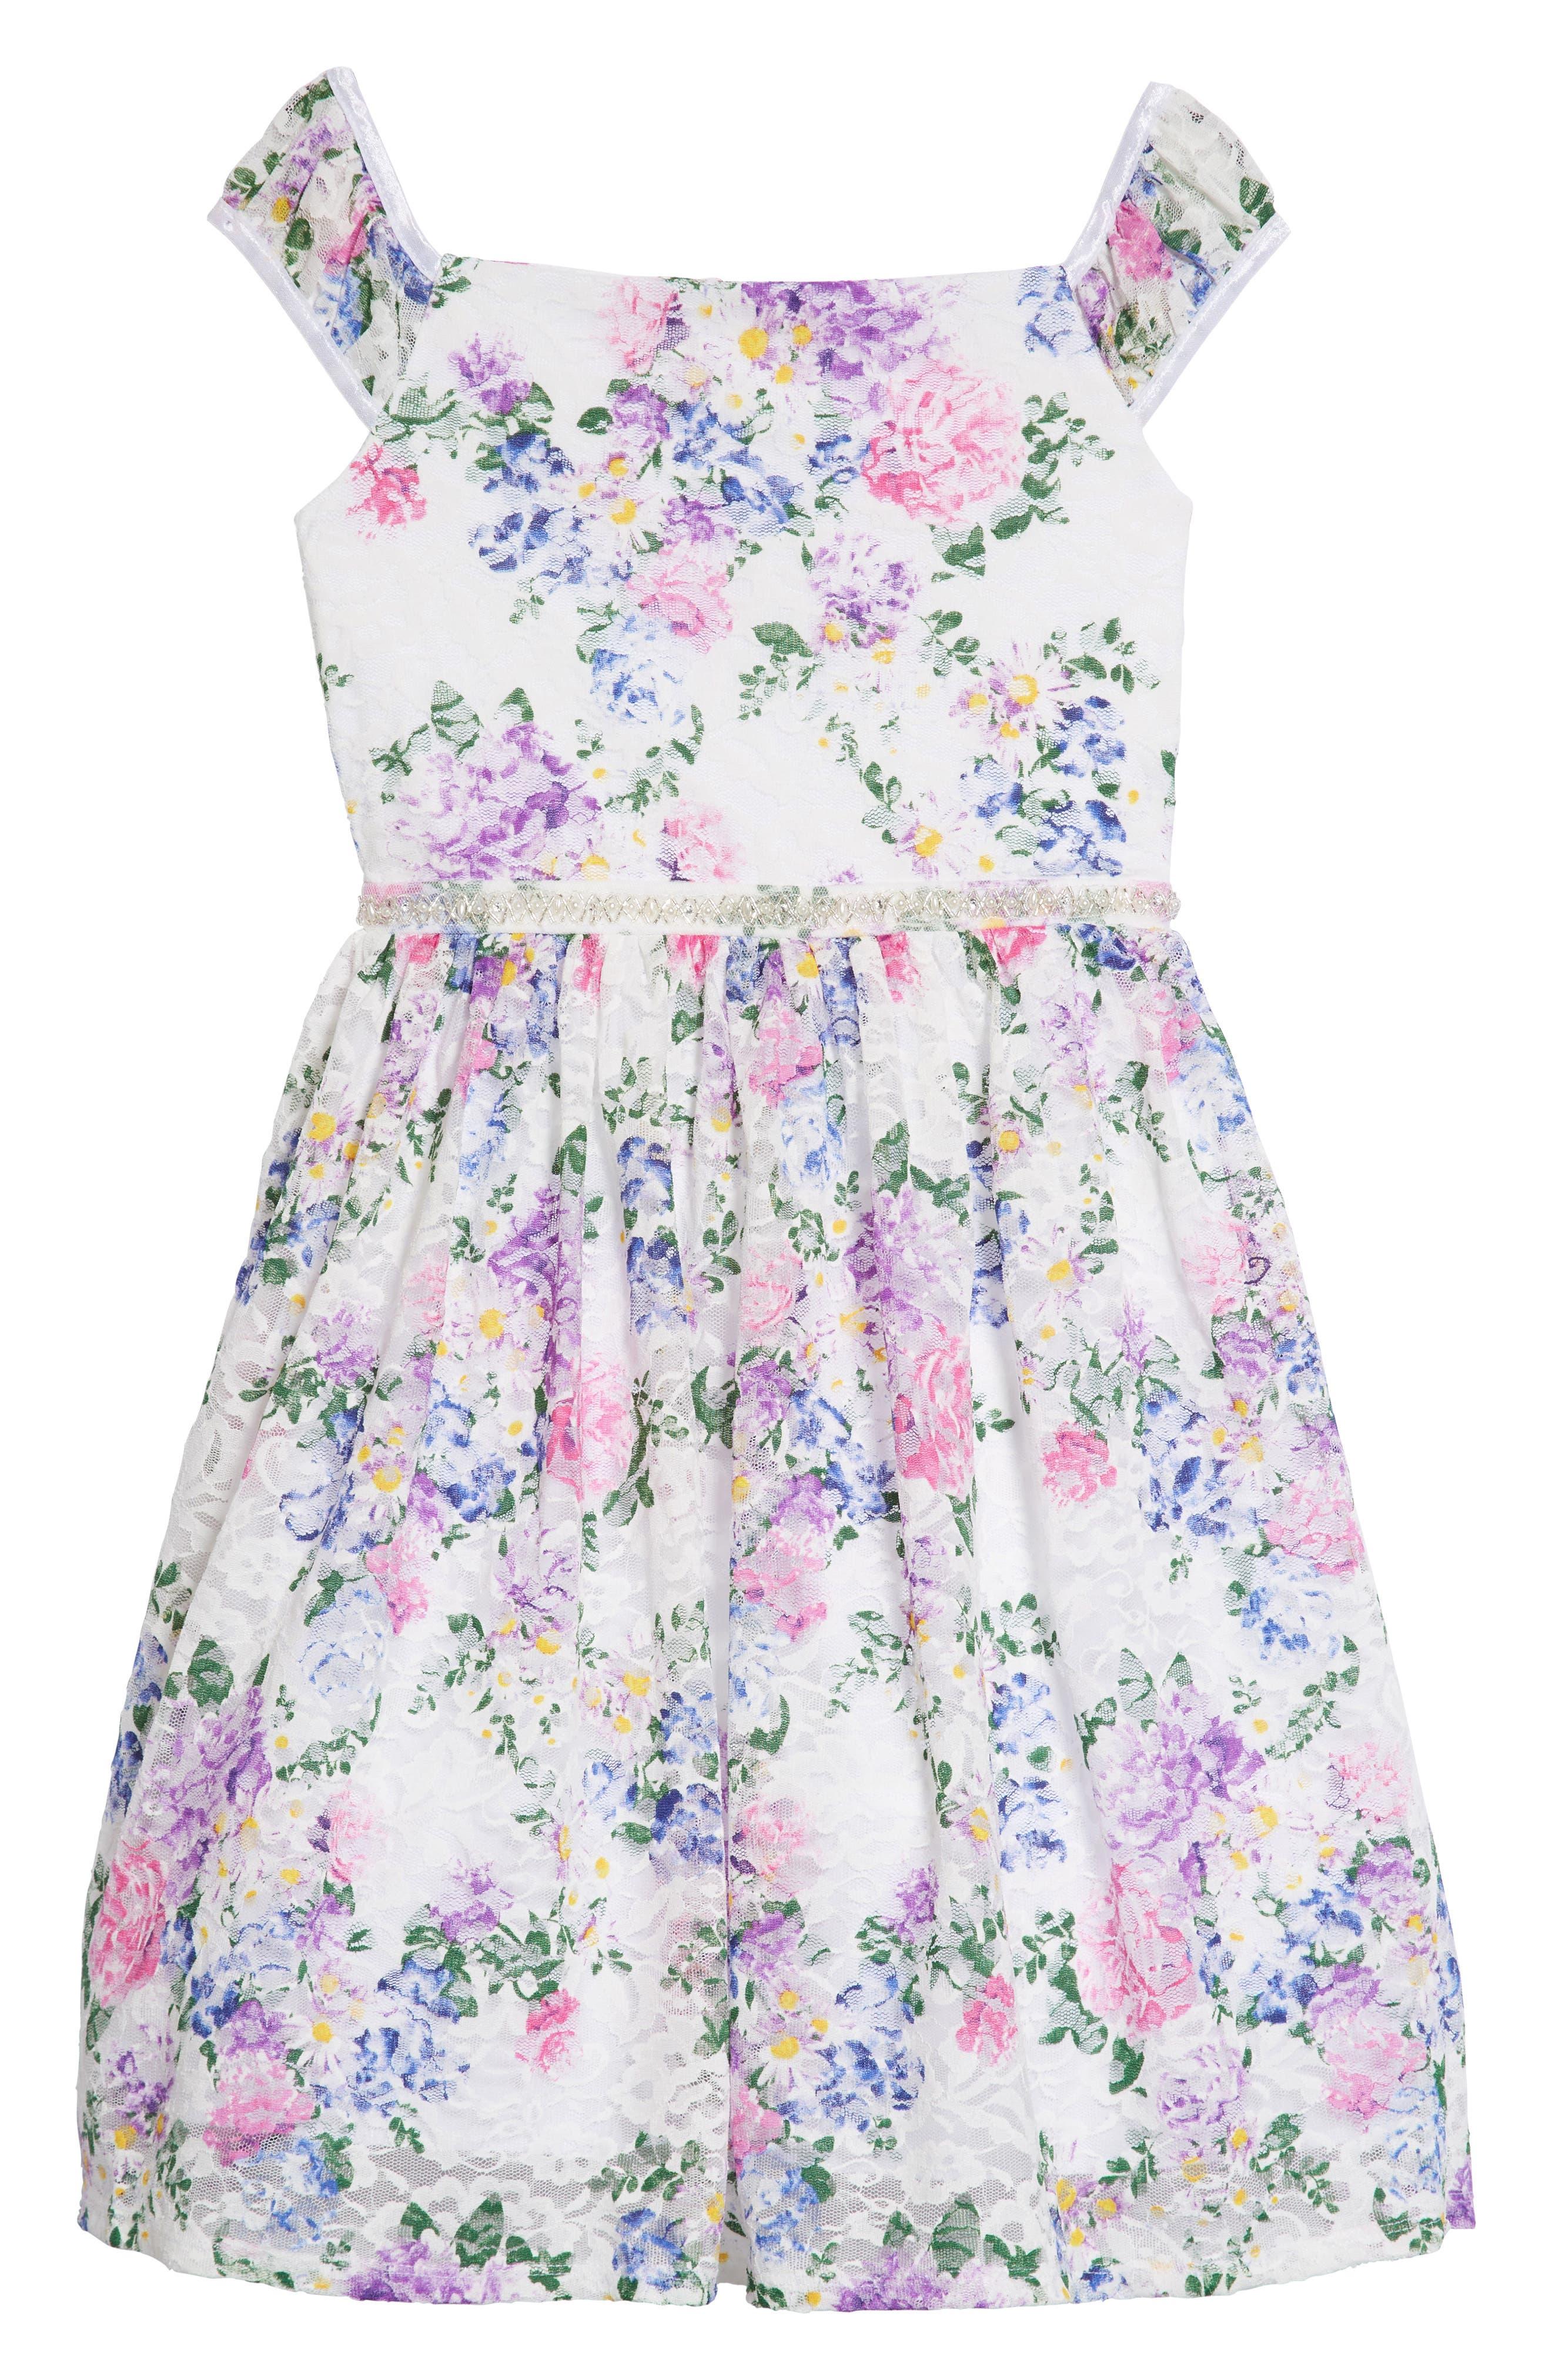 Floral Lace Dress,                             Main thumbnail 1, color,                             White/ Lavendar